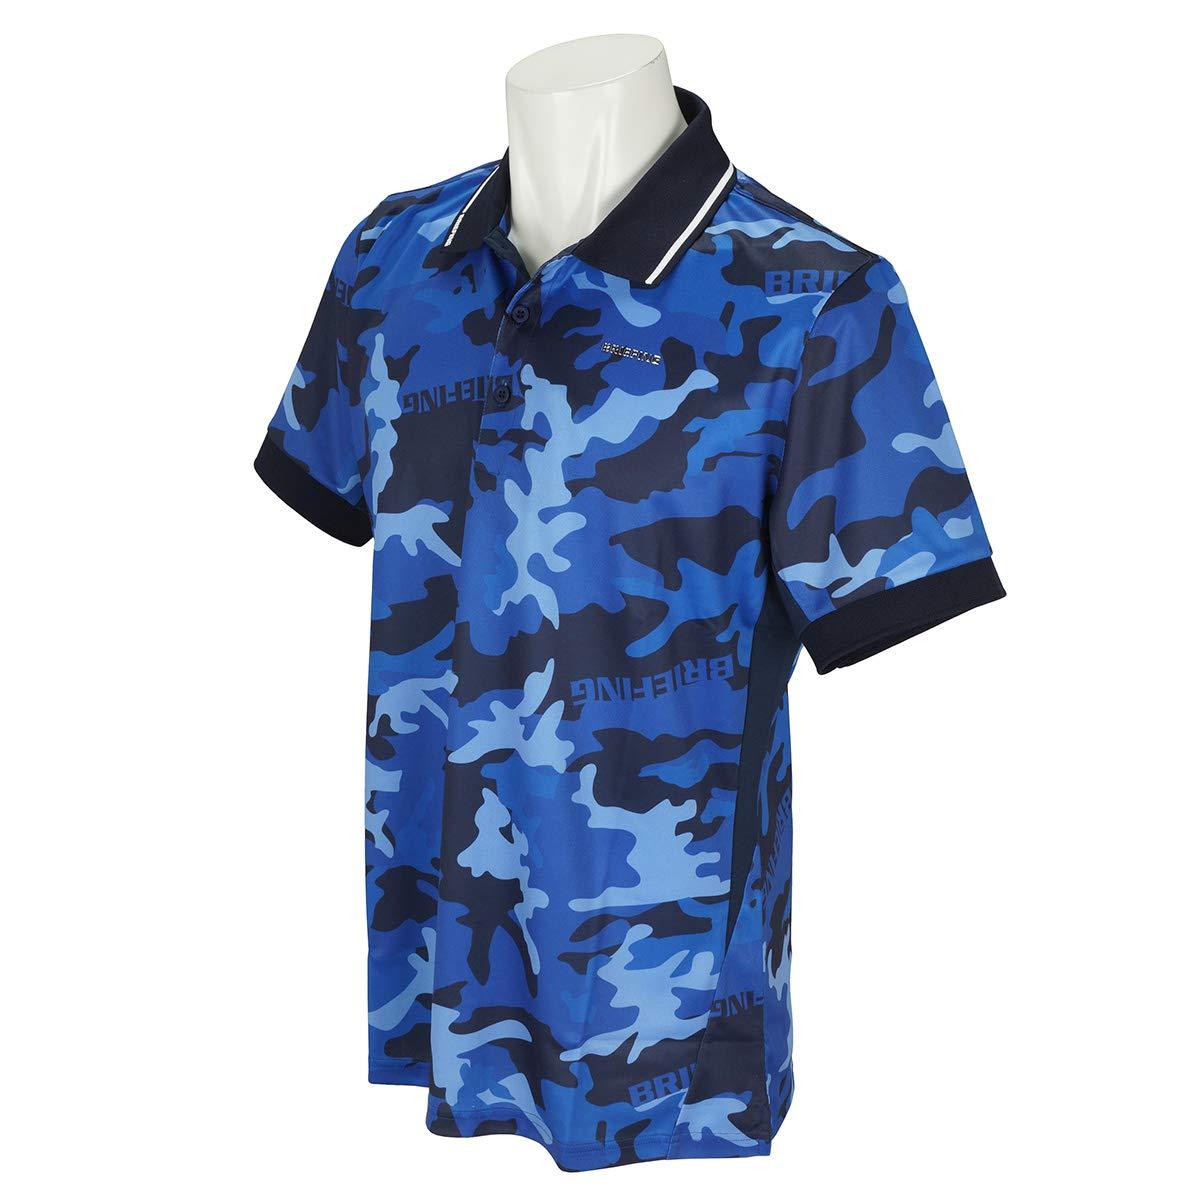 ポロシャツ メンズ ブリーフィング ゴルフ BRIEFING ゴルフウェア brg191m09   B07RX3LF3J